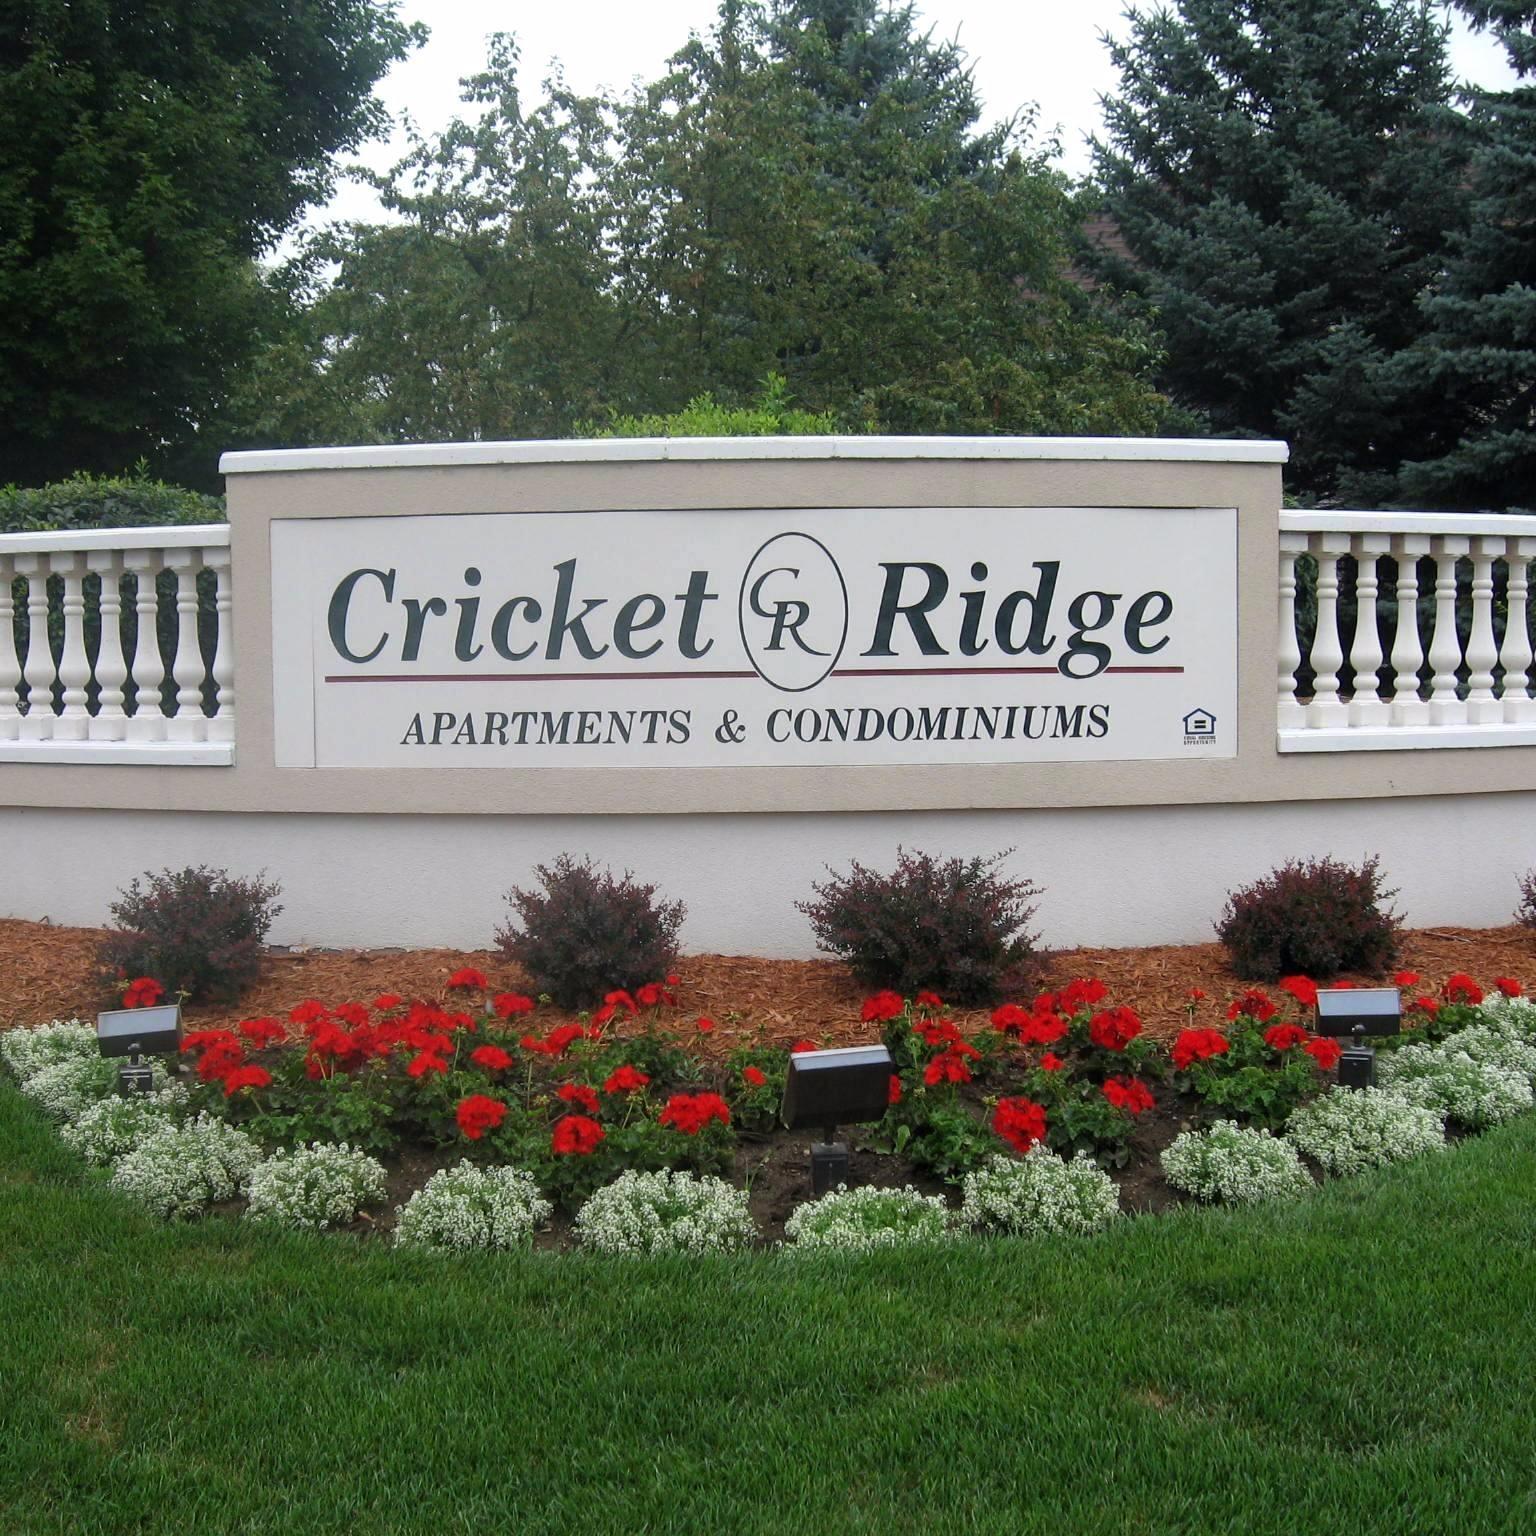 Cricket Ridge Apartments - Holt, MI - Apartments